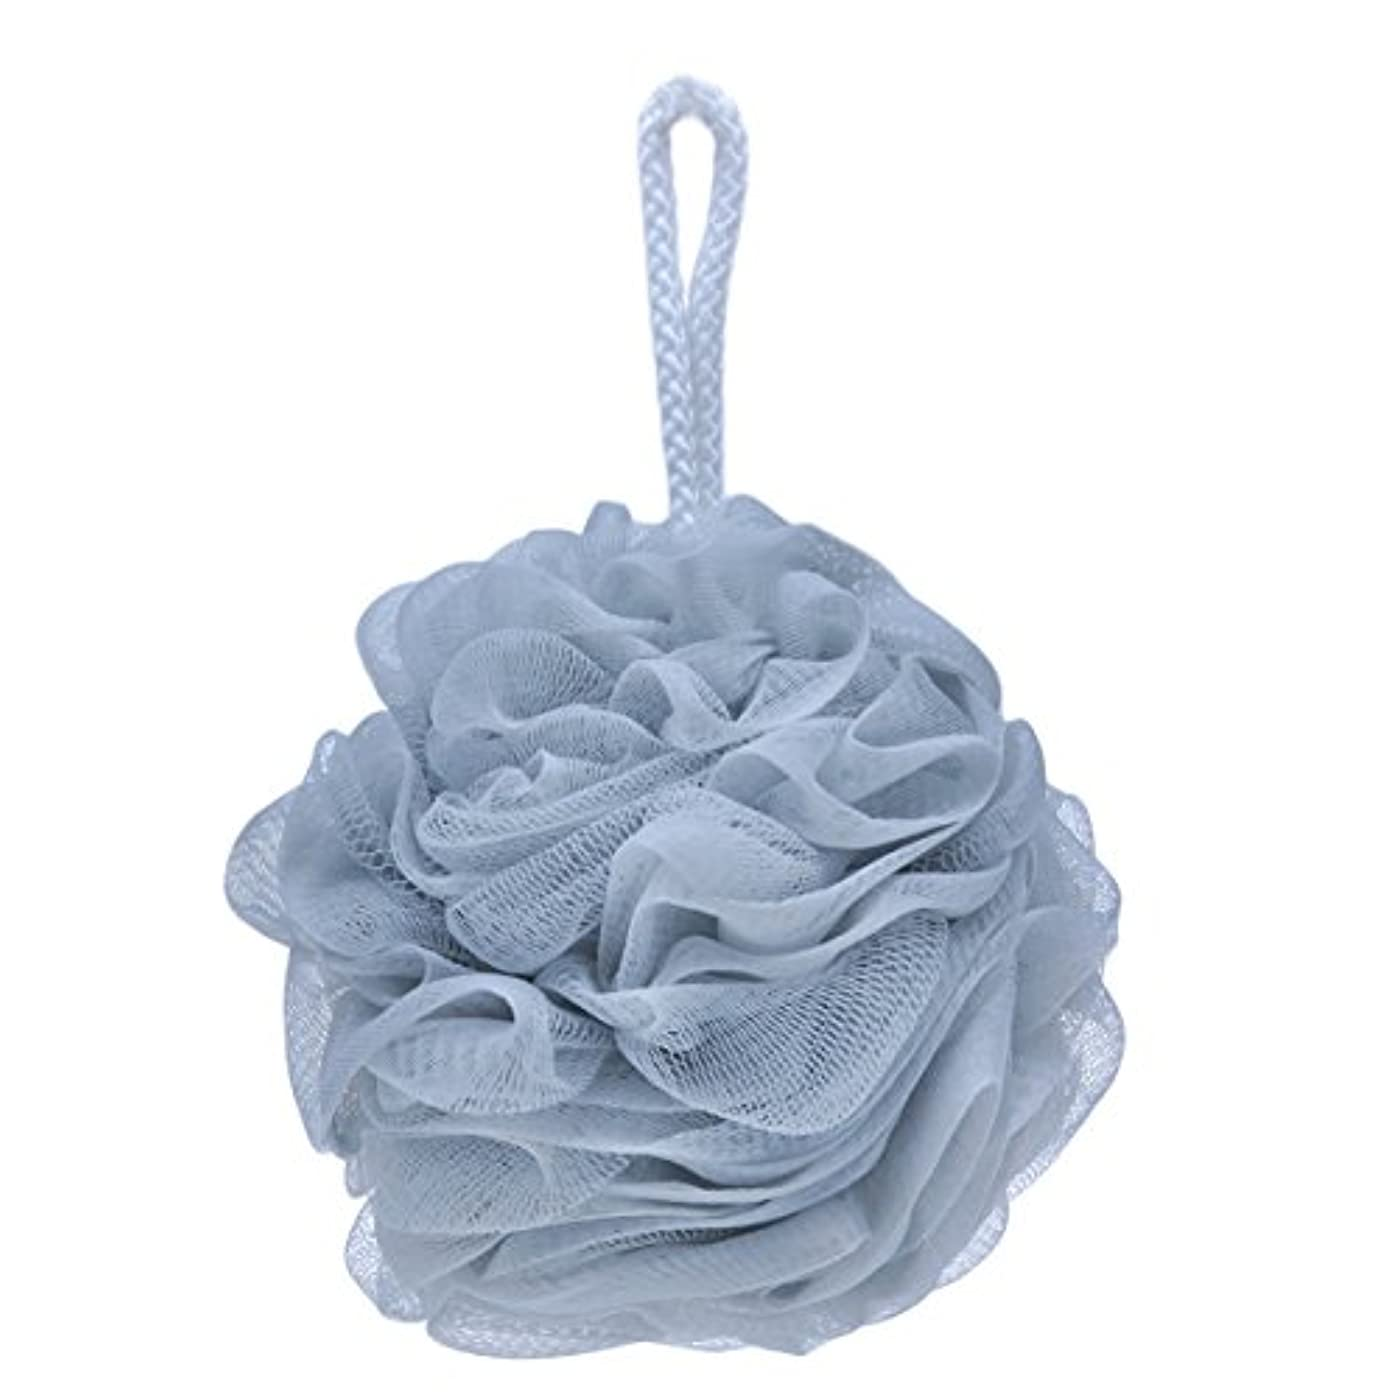 コンパニオンセイはさておき神話SUPERMOOM バスボール 泡立てネット ボール シャワー ナイロン 4種類の色選択